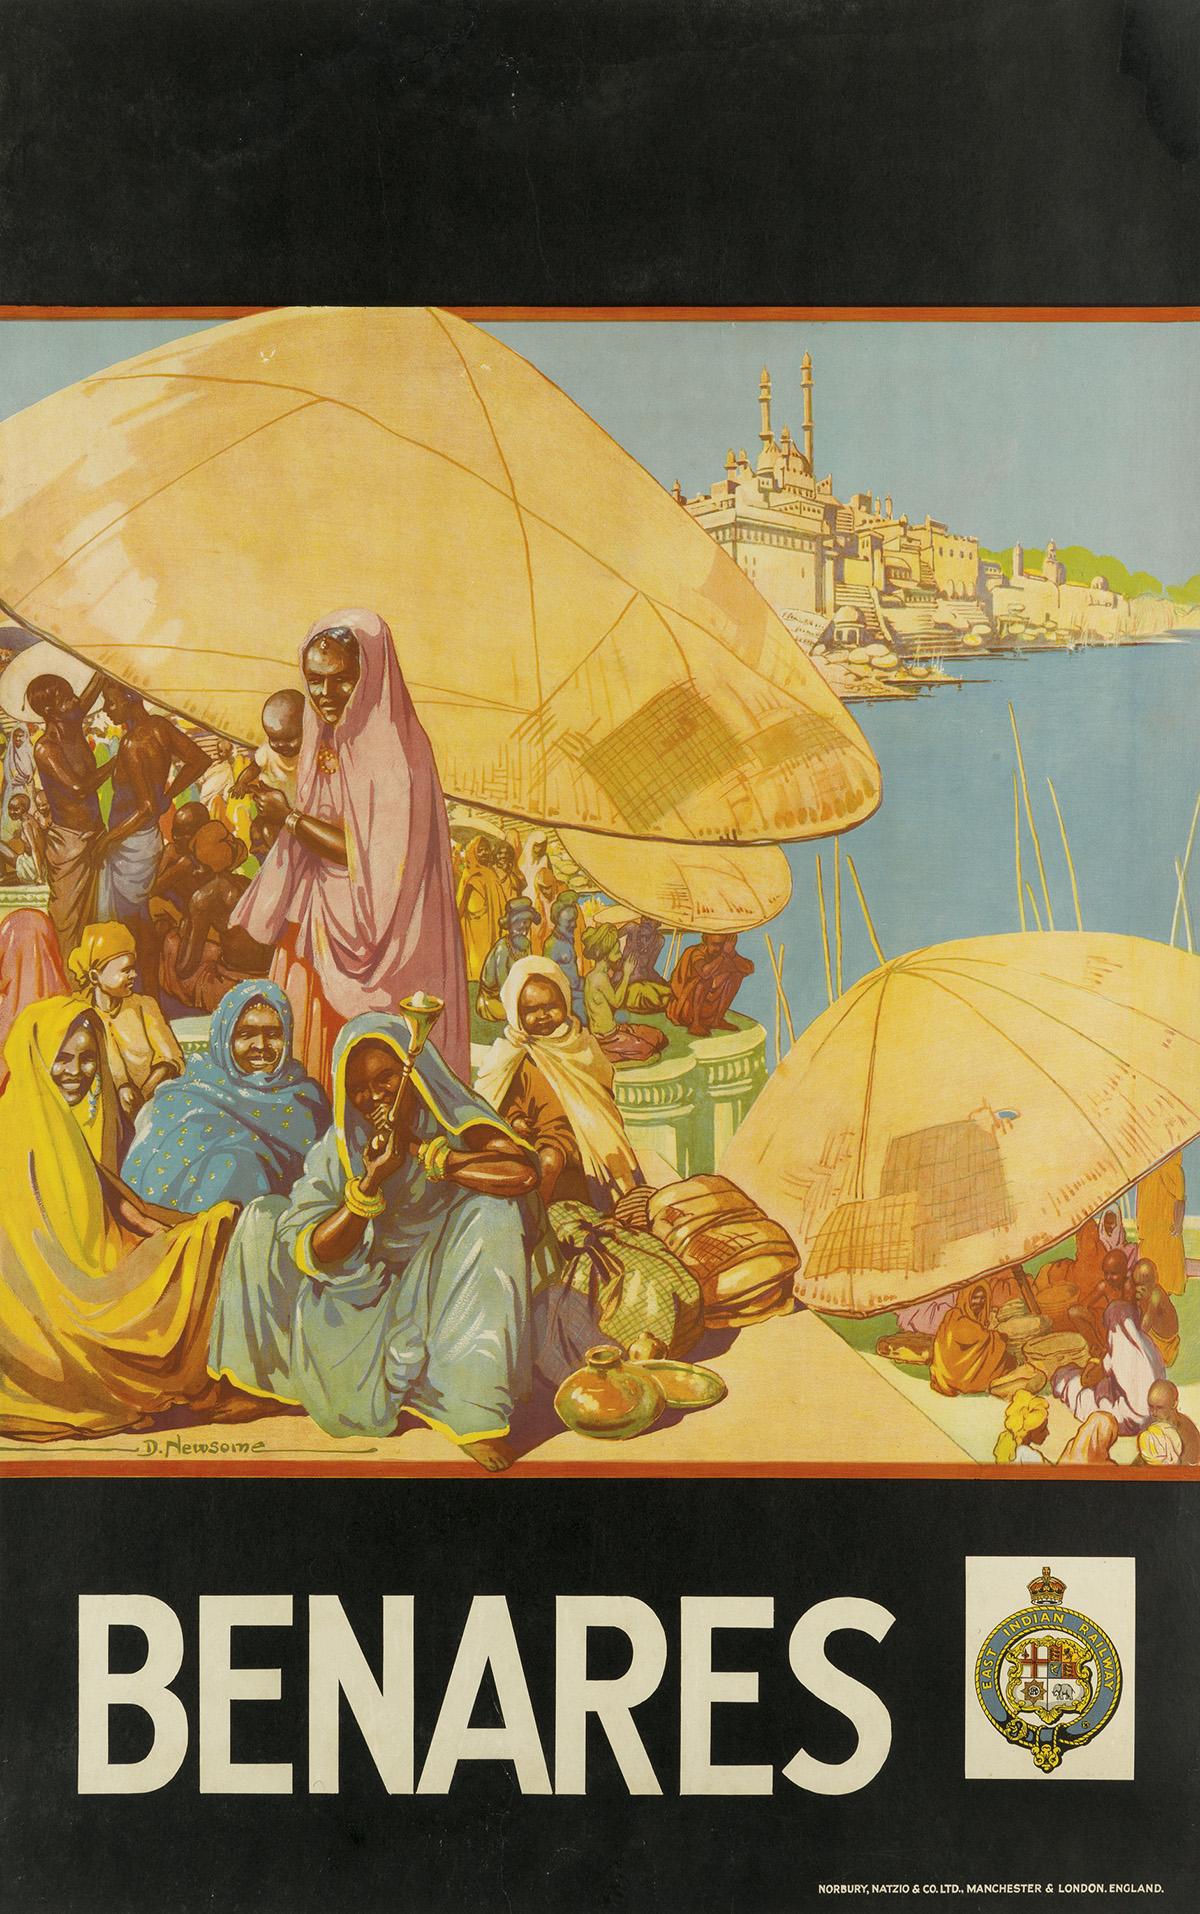 DOROTHY-NEWSOME-(CIRCA-1900-1980)-BENARES-Circa-1935-39x24-i